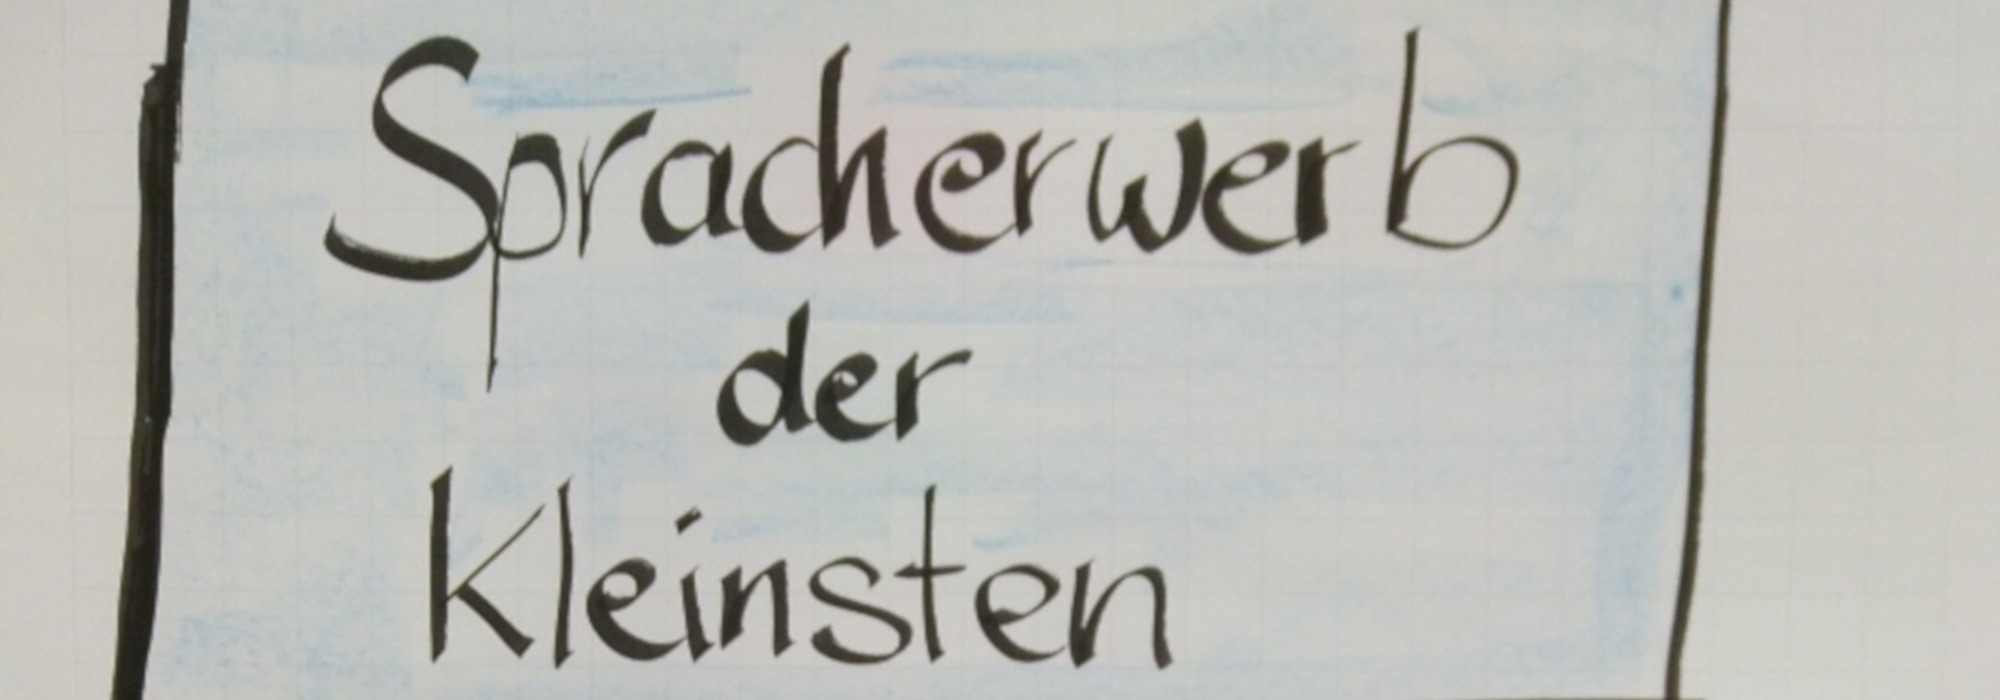 """Fortbildung """"Spracherwerb der Kleinsten"""", Diakonisches Werk Hamburg, 3./4. Mai 2018"""